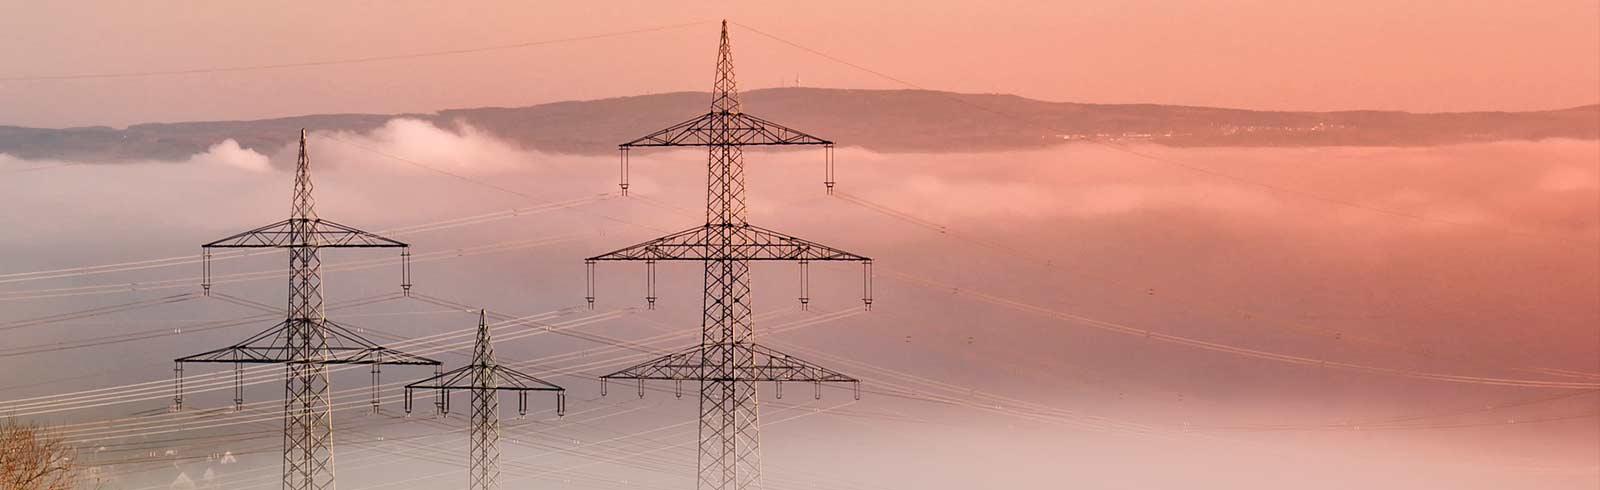 https://newfepa.com/wp-content/uploads/2021/04/Fepa-Estampación-Electricidad©.jpg?_t=1617707369